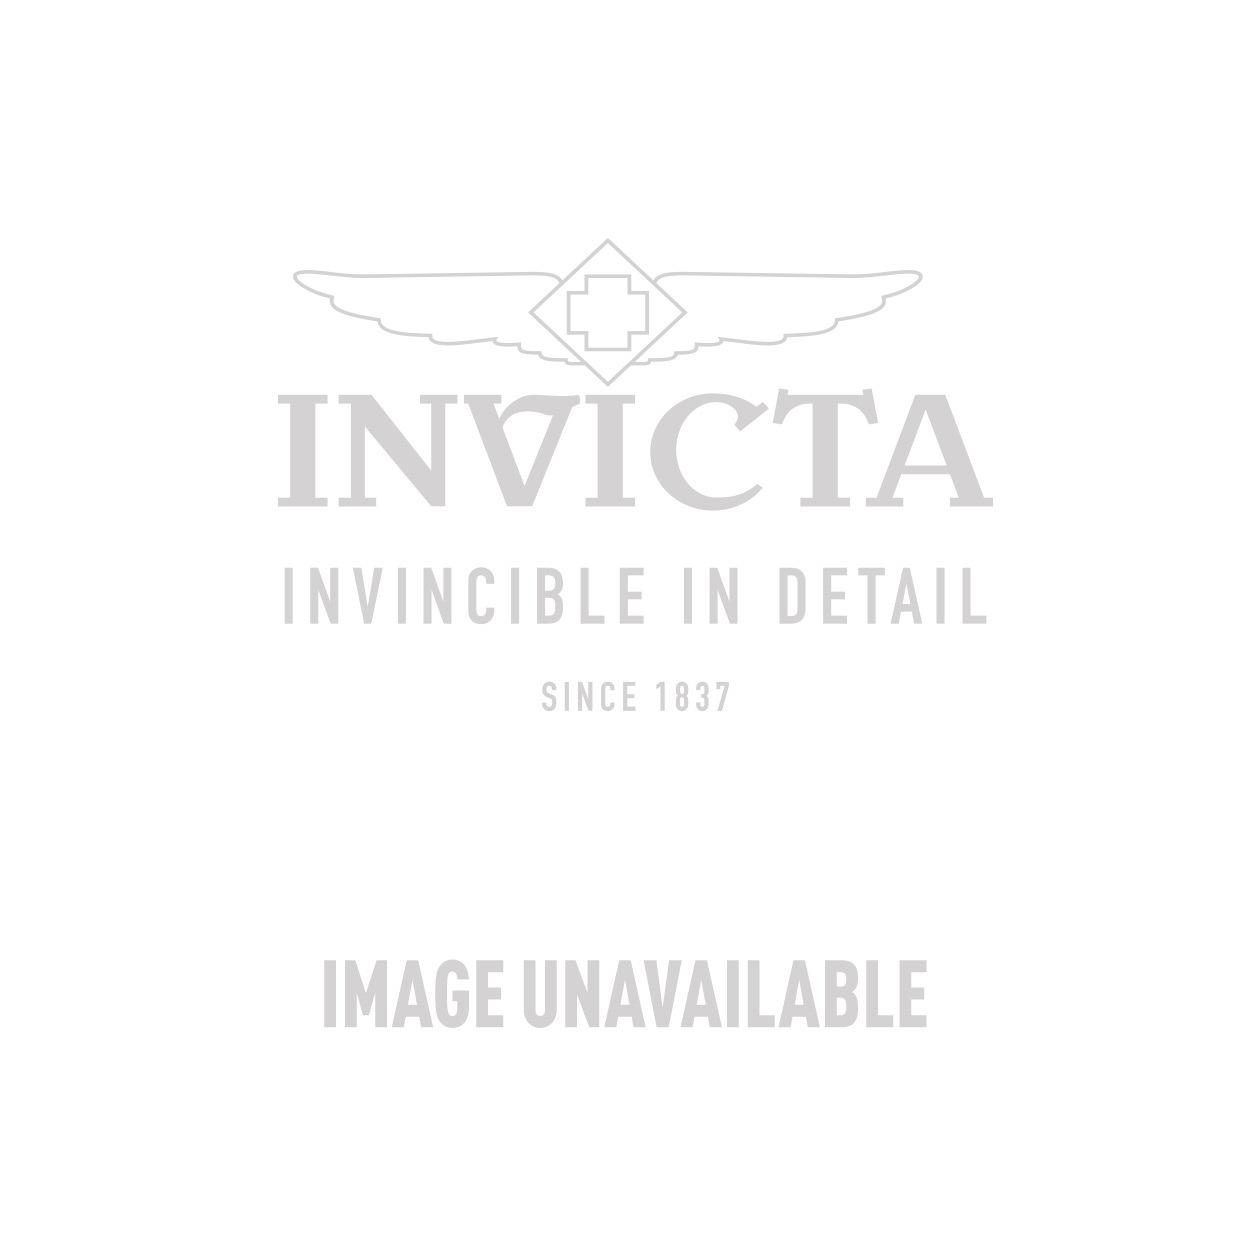 Invicta S1 Rally Swiss Movement Quartz Watch - Black case with Black, Purple tone Silicone band - Model 10843